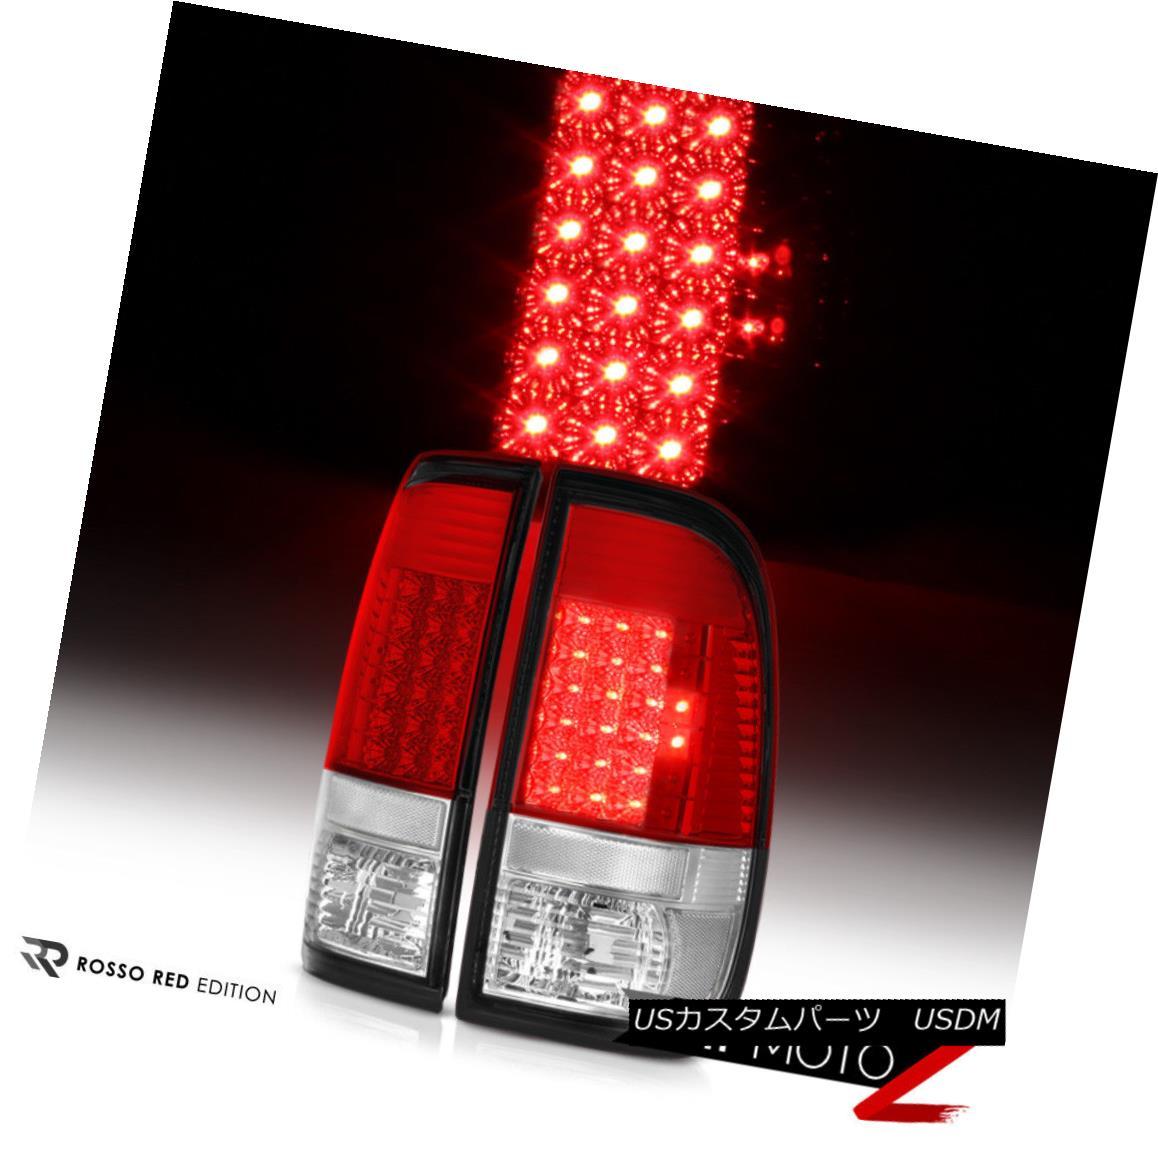 テールライト Lights 2008-2016 Factory Ford Style F250 F350 F450 F550 Factory Style RED LED Rear Tail Lights Lamps 2008-2016 Ford F250 F350 F450 F550工場スタイル赤LEDリアテールライトランプ, COUNTRY WOOD GARDEN:5a60430d --- officewill.xsrv.jp